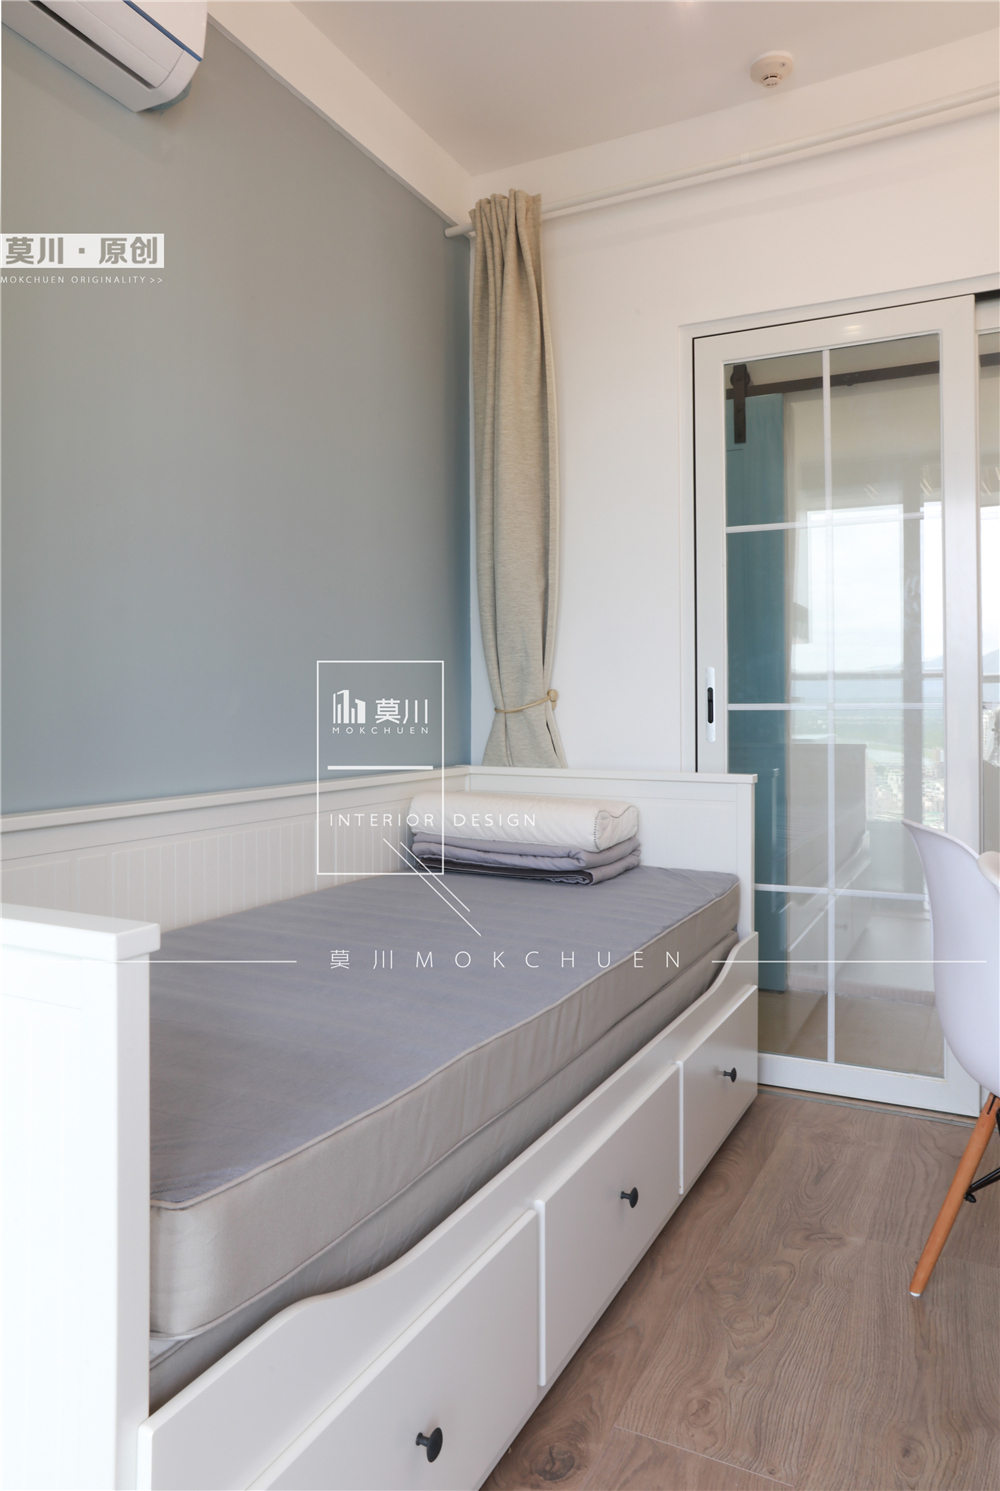 70㎡北欧二居装修榻榻米床设计